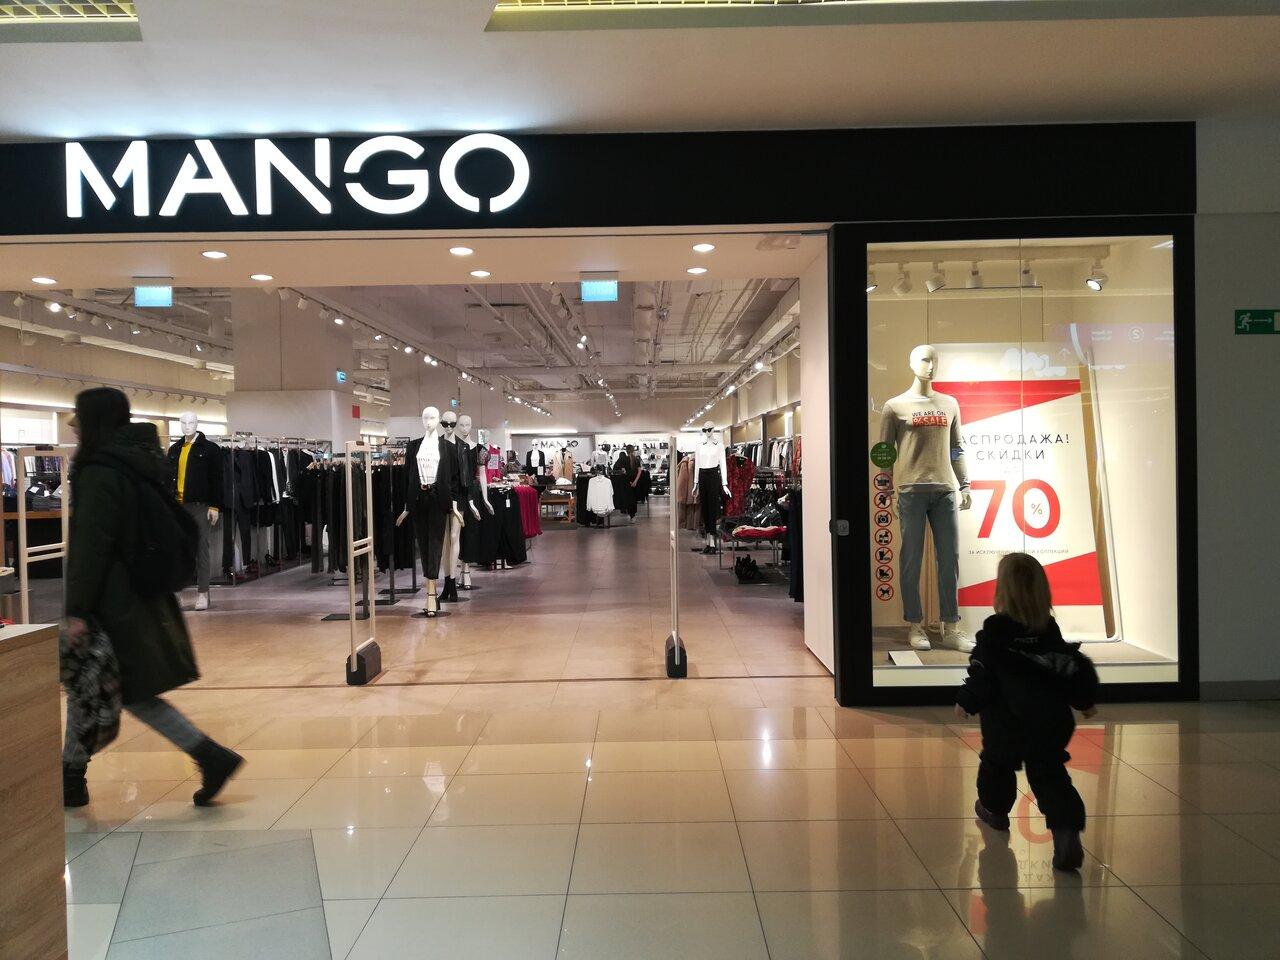 просту пилят фото магазина манго в курске красивый этот важен